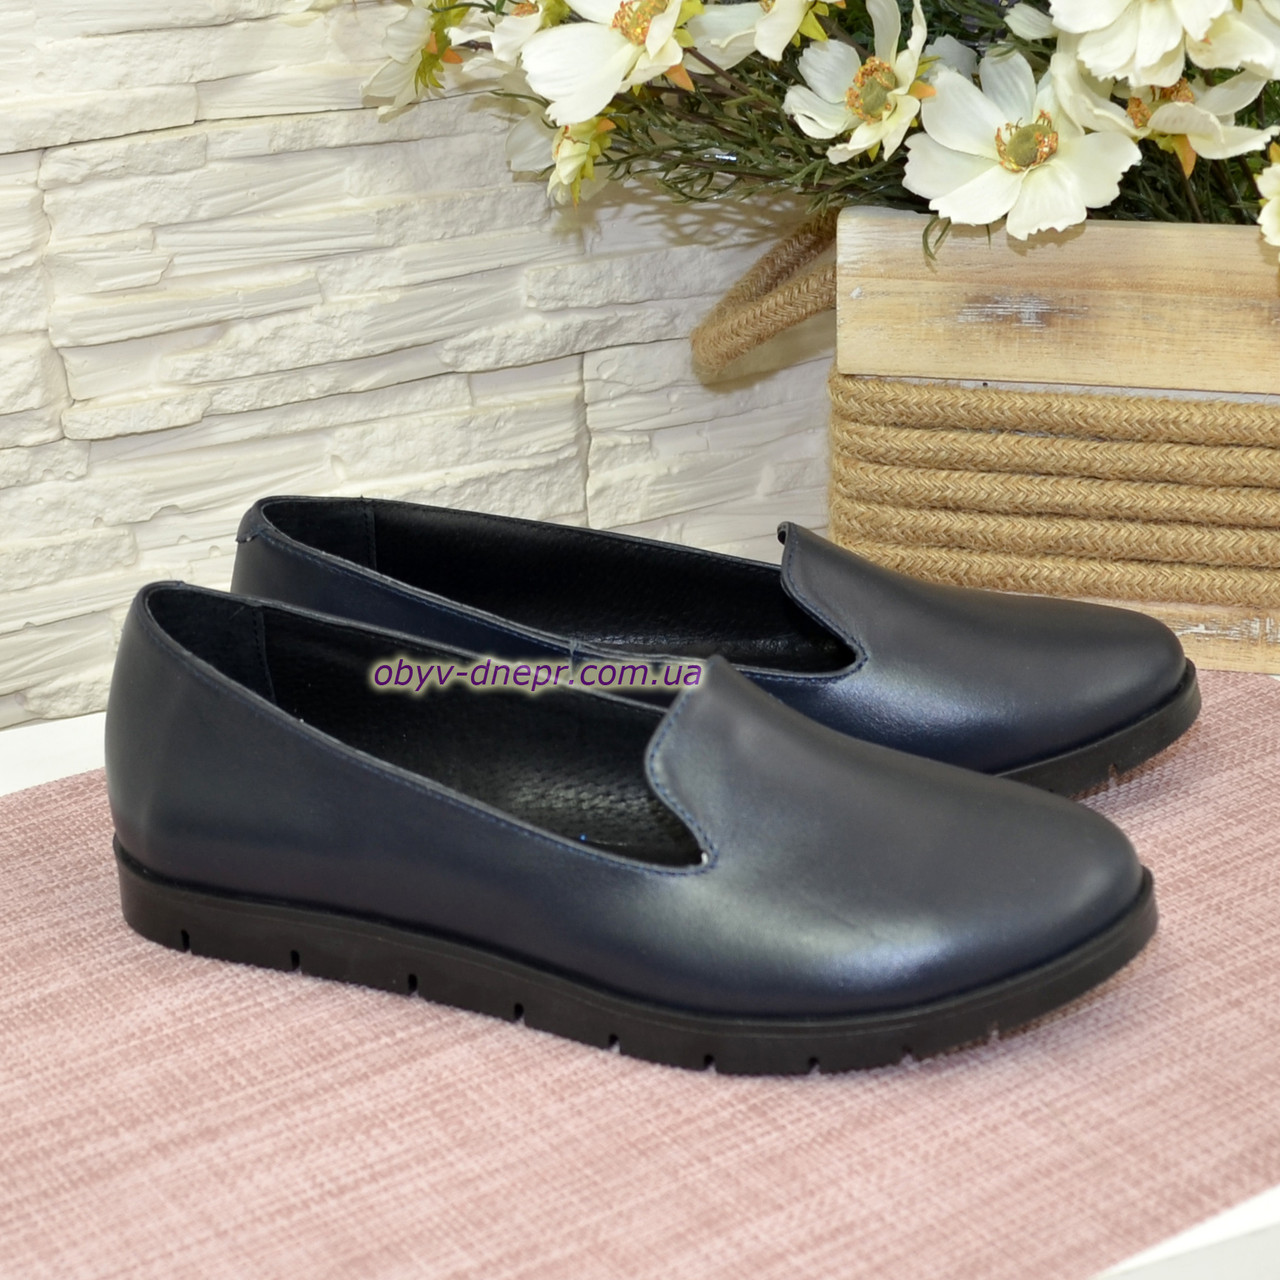 Женские кожаные туфли-мокасины на утолщенной черной подошве. Цвет синий